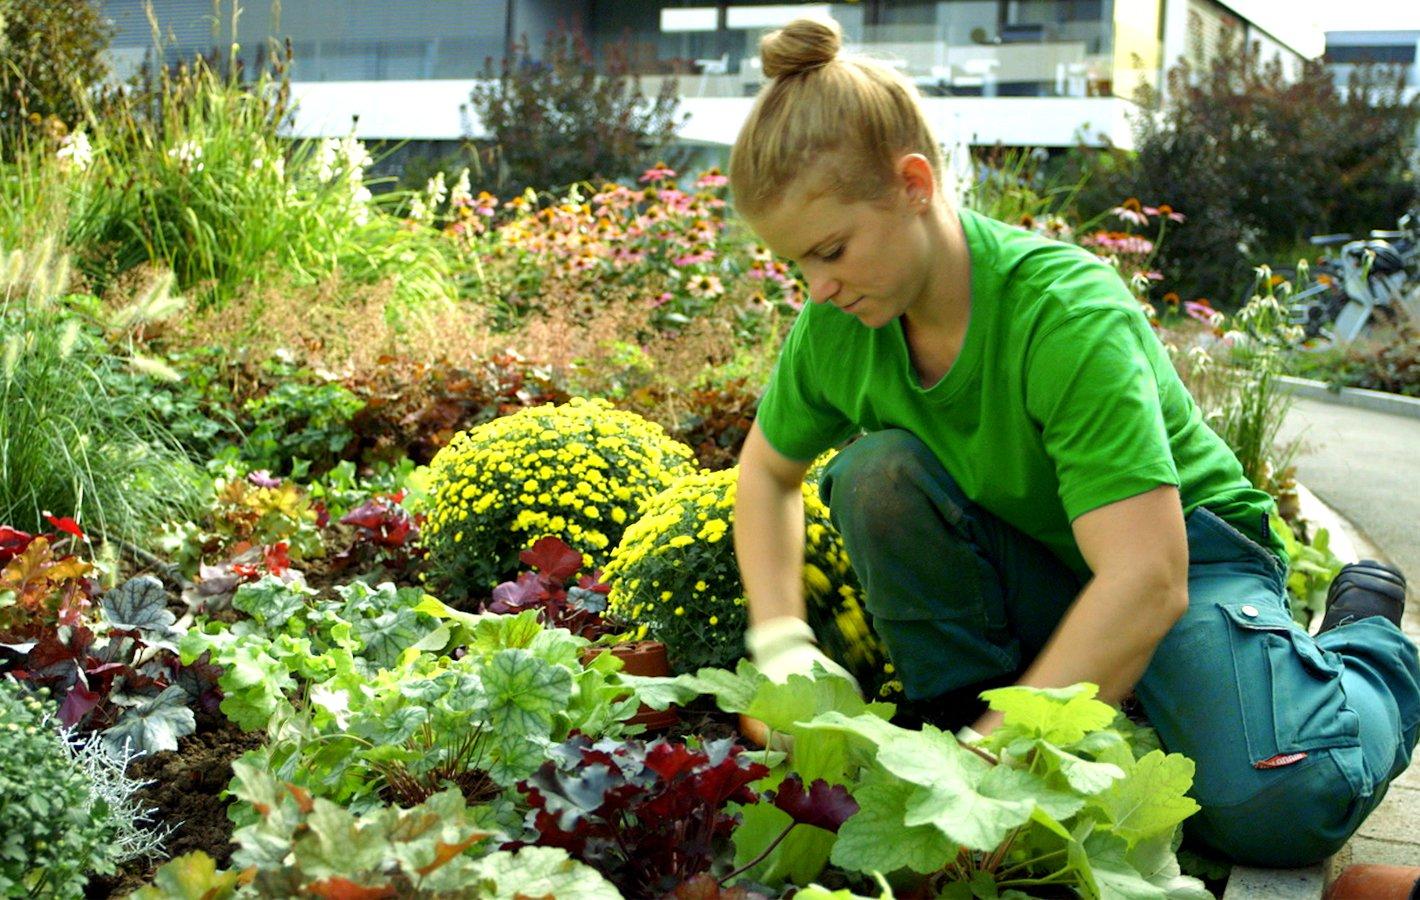 Arbeit Gartenbaubetrieb 2